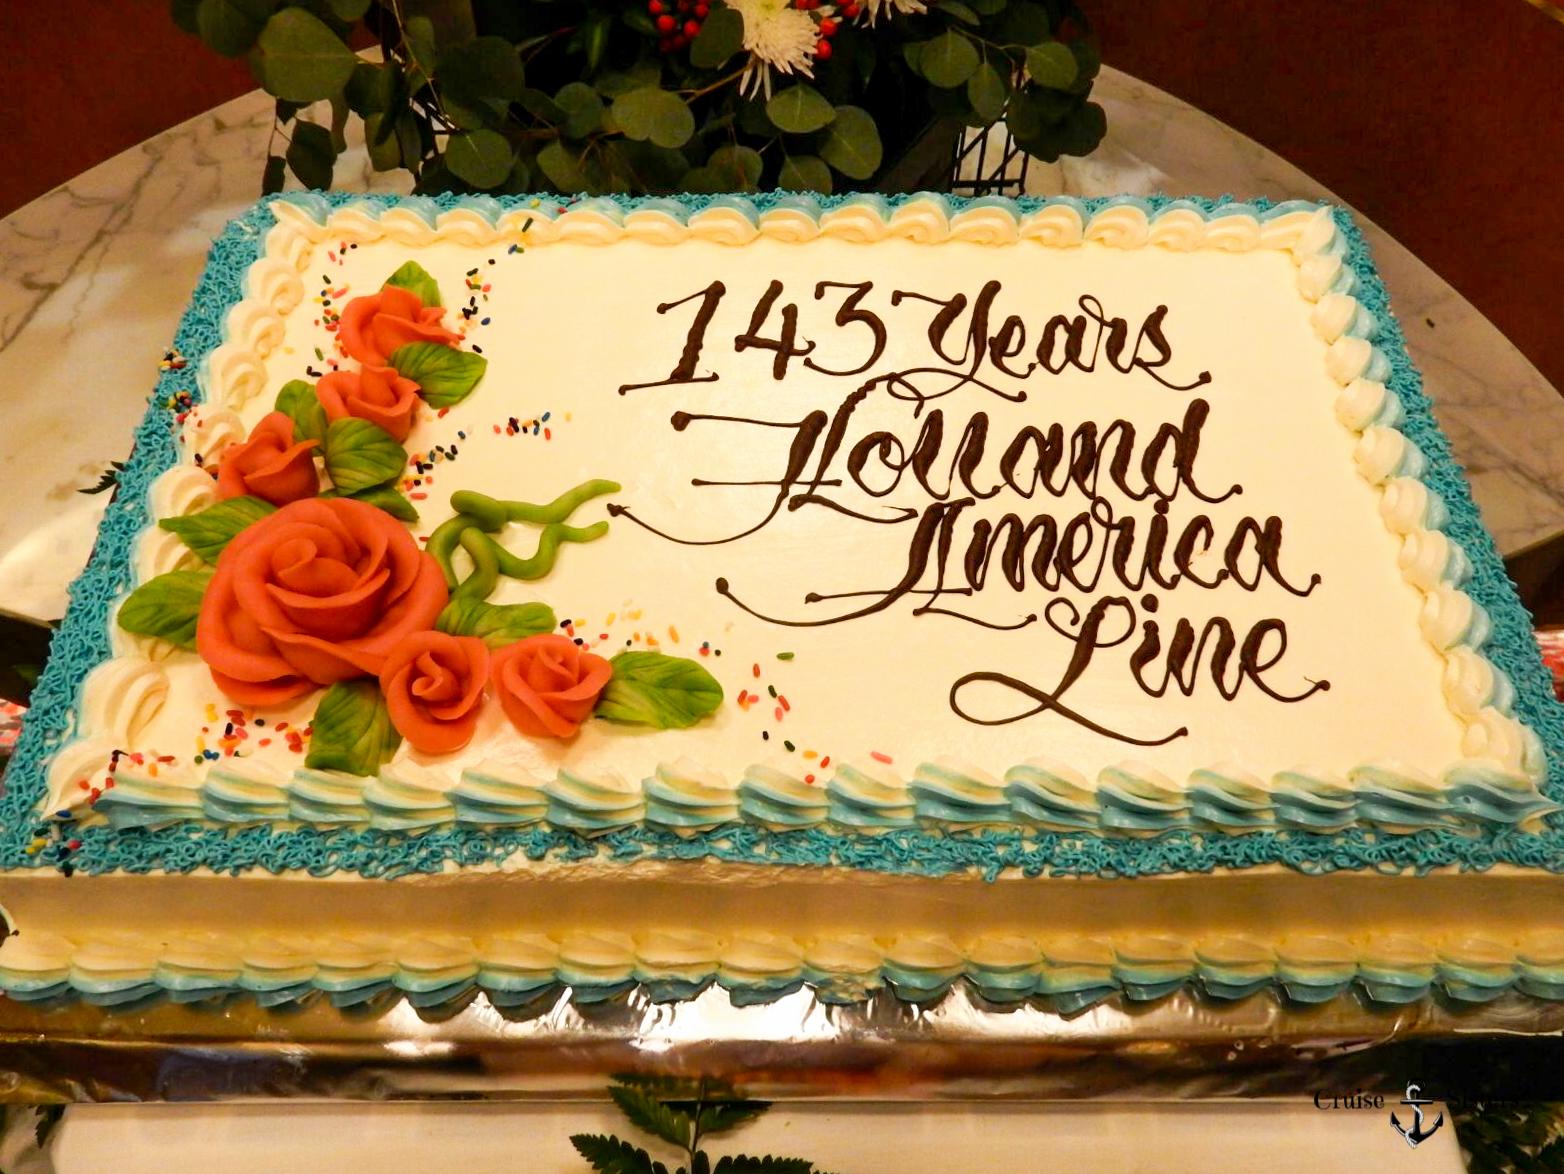 143. Geburtstag von Holland America Line